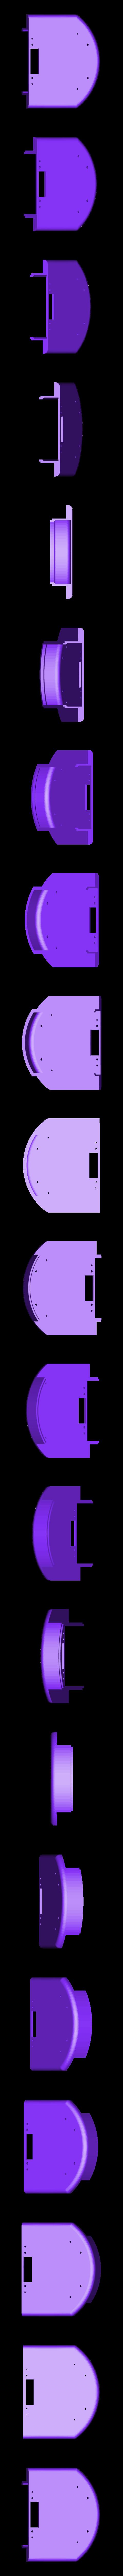 Body_Back_4.1.2.stl Télécharger fichier STL gratuit Meshbot 1 • Modèle à imprimer en 3D, JamieLaing